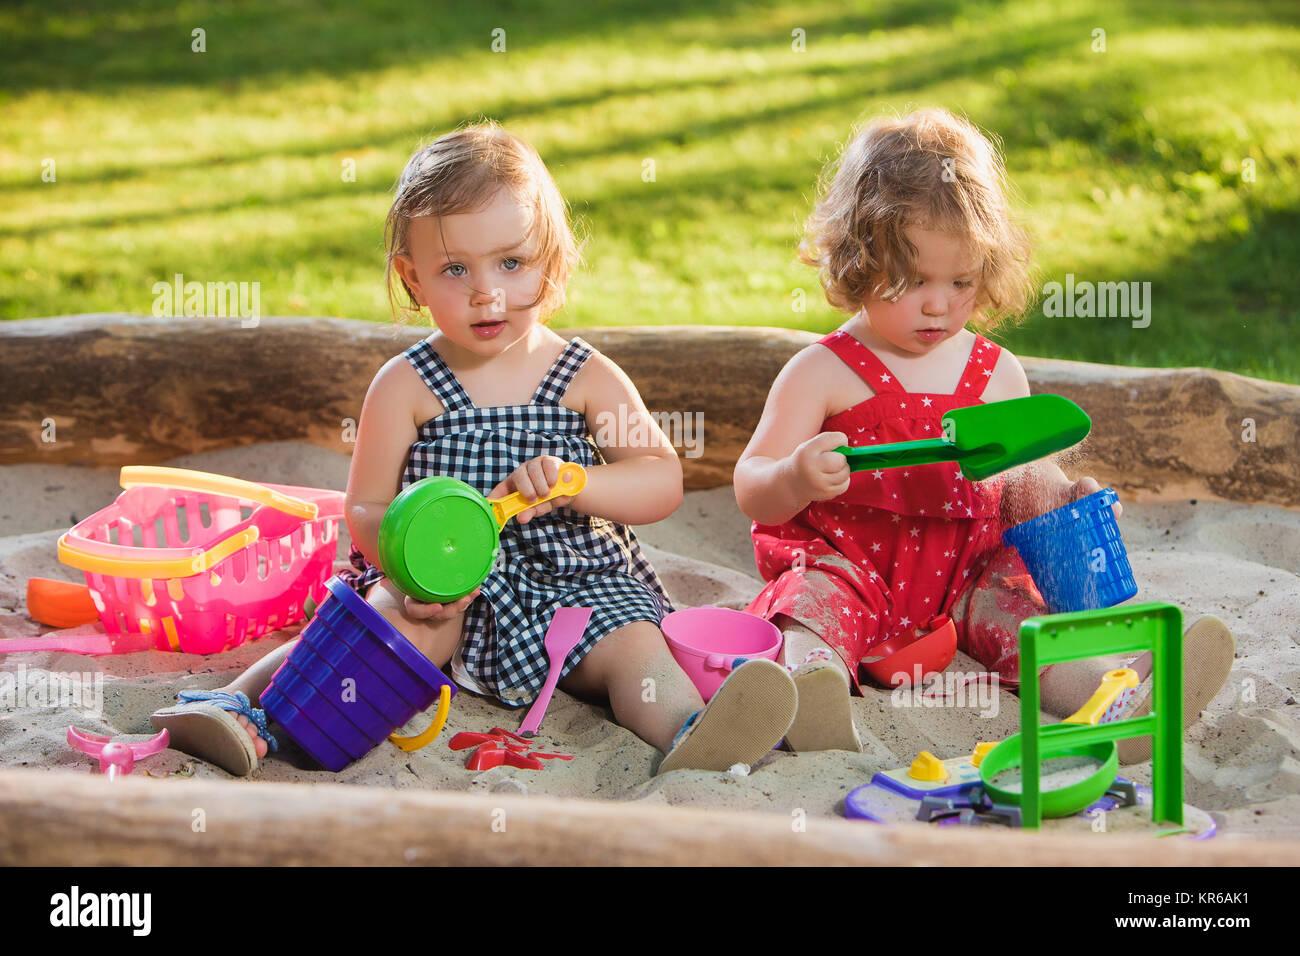 Die beiden baby wenig mädchen spielen spielzeug in sand